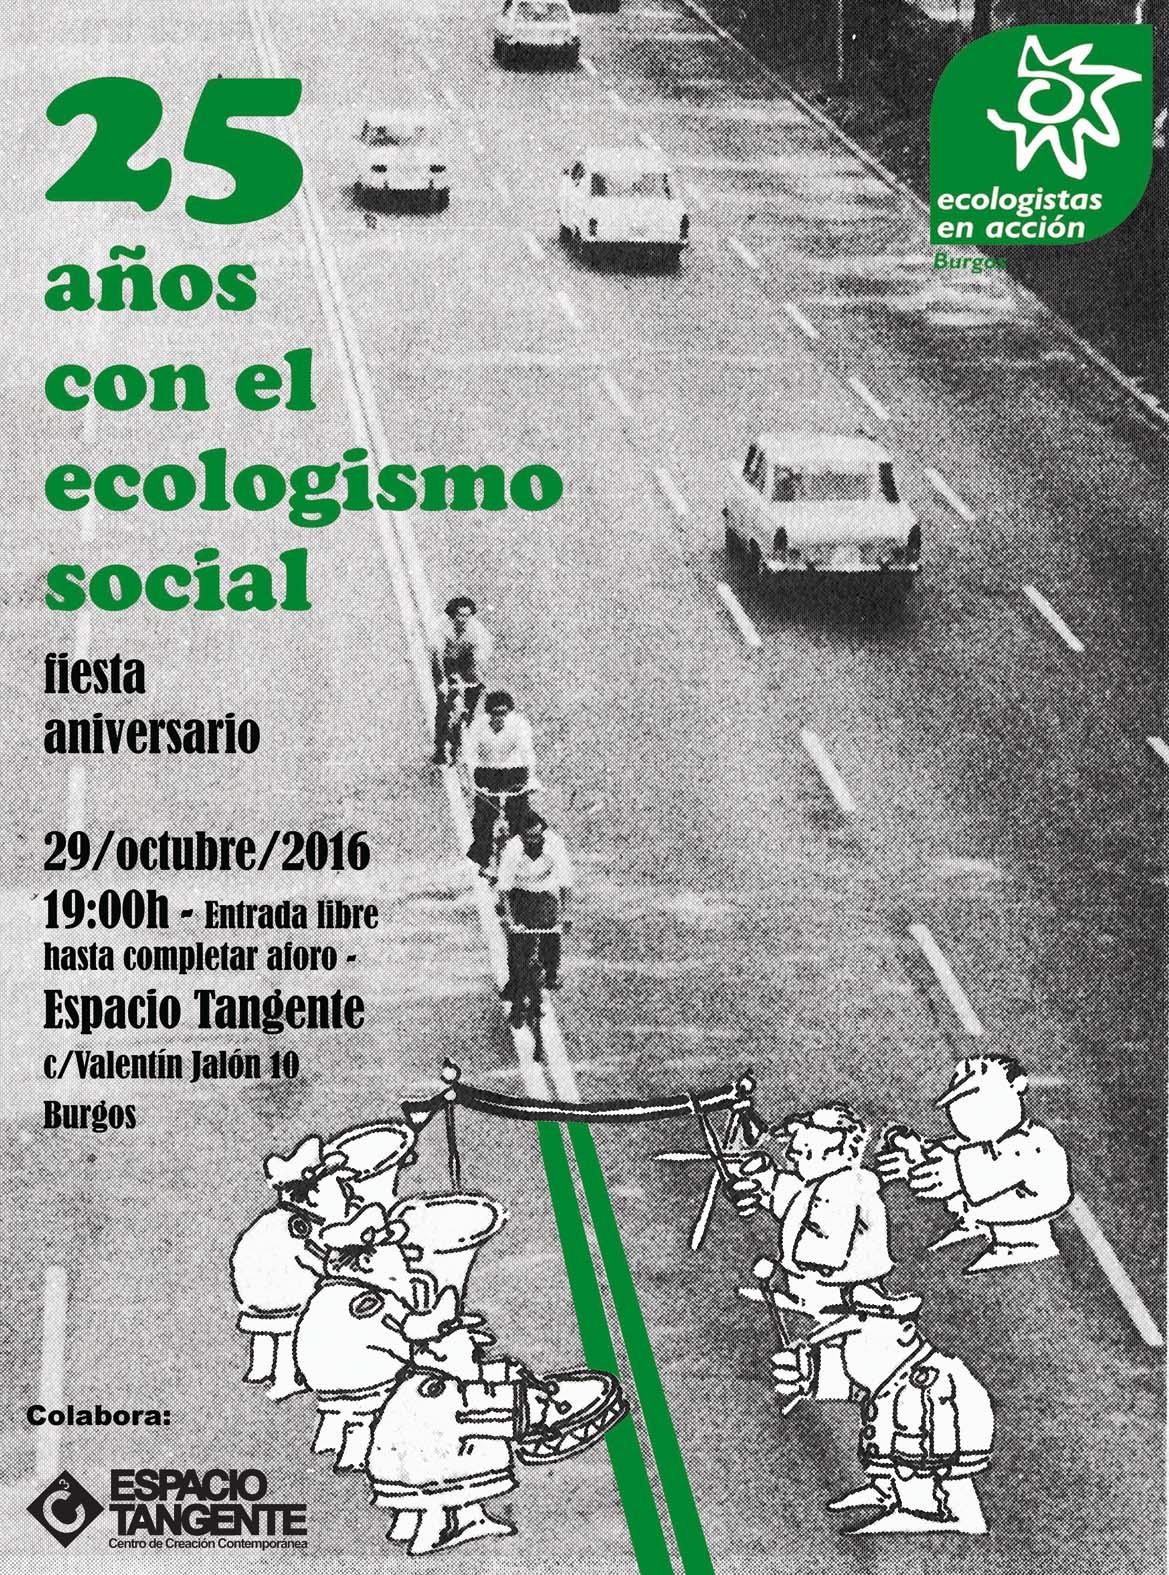 Cartel 25 años con el ecologismo social. Ecologistas en Acción